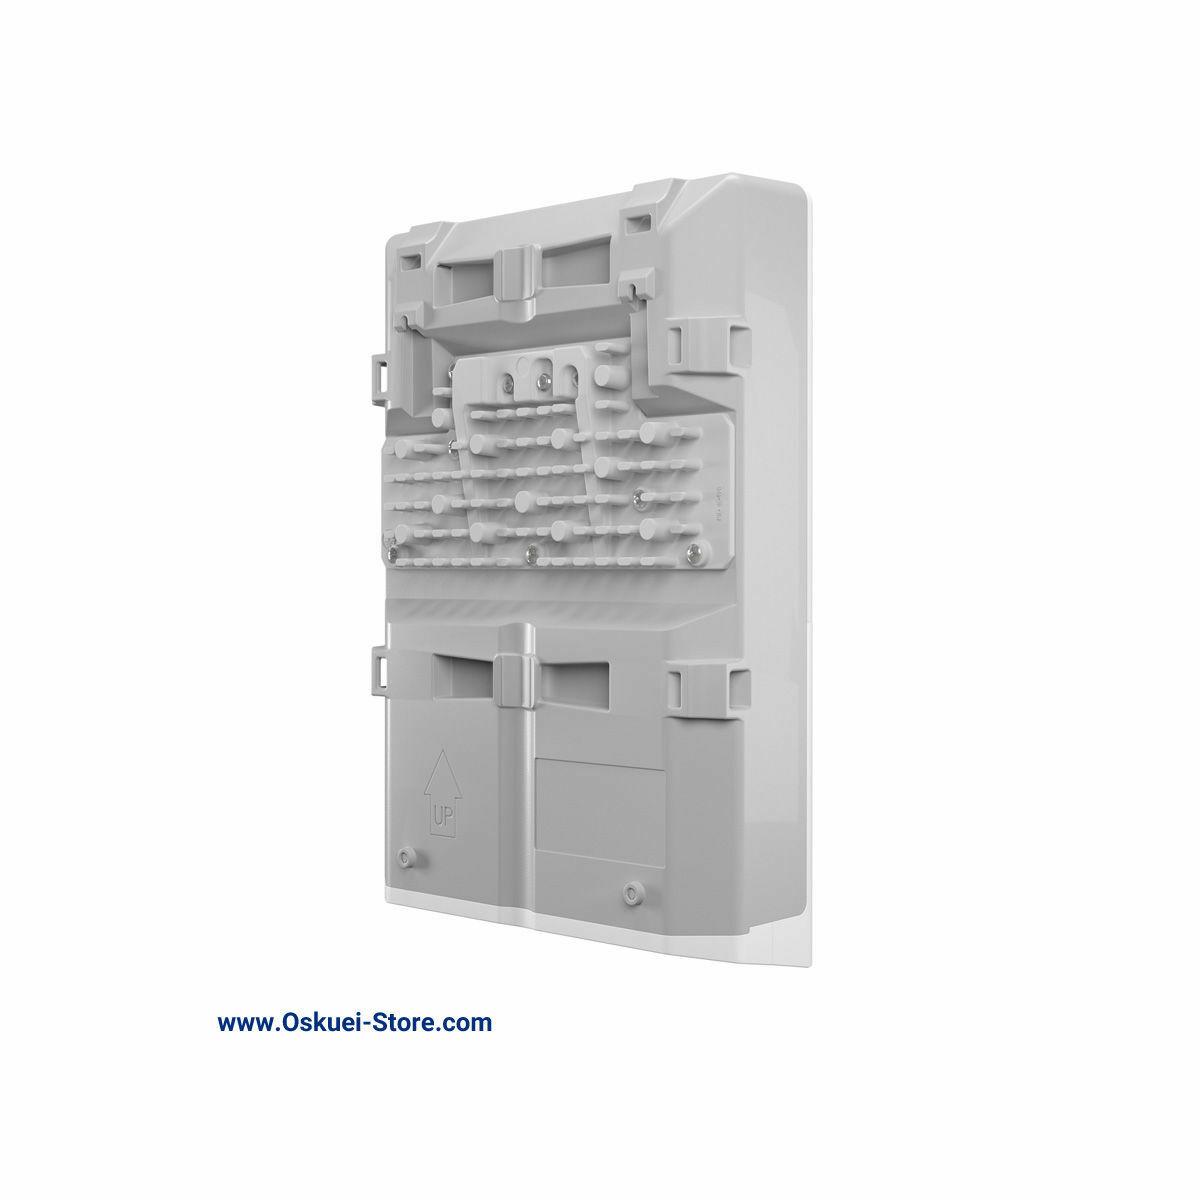 سوئیچ روتر میکروتیک مدل netPower 15FR